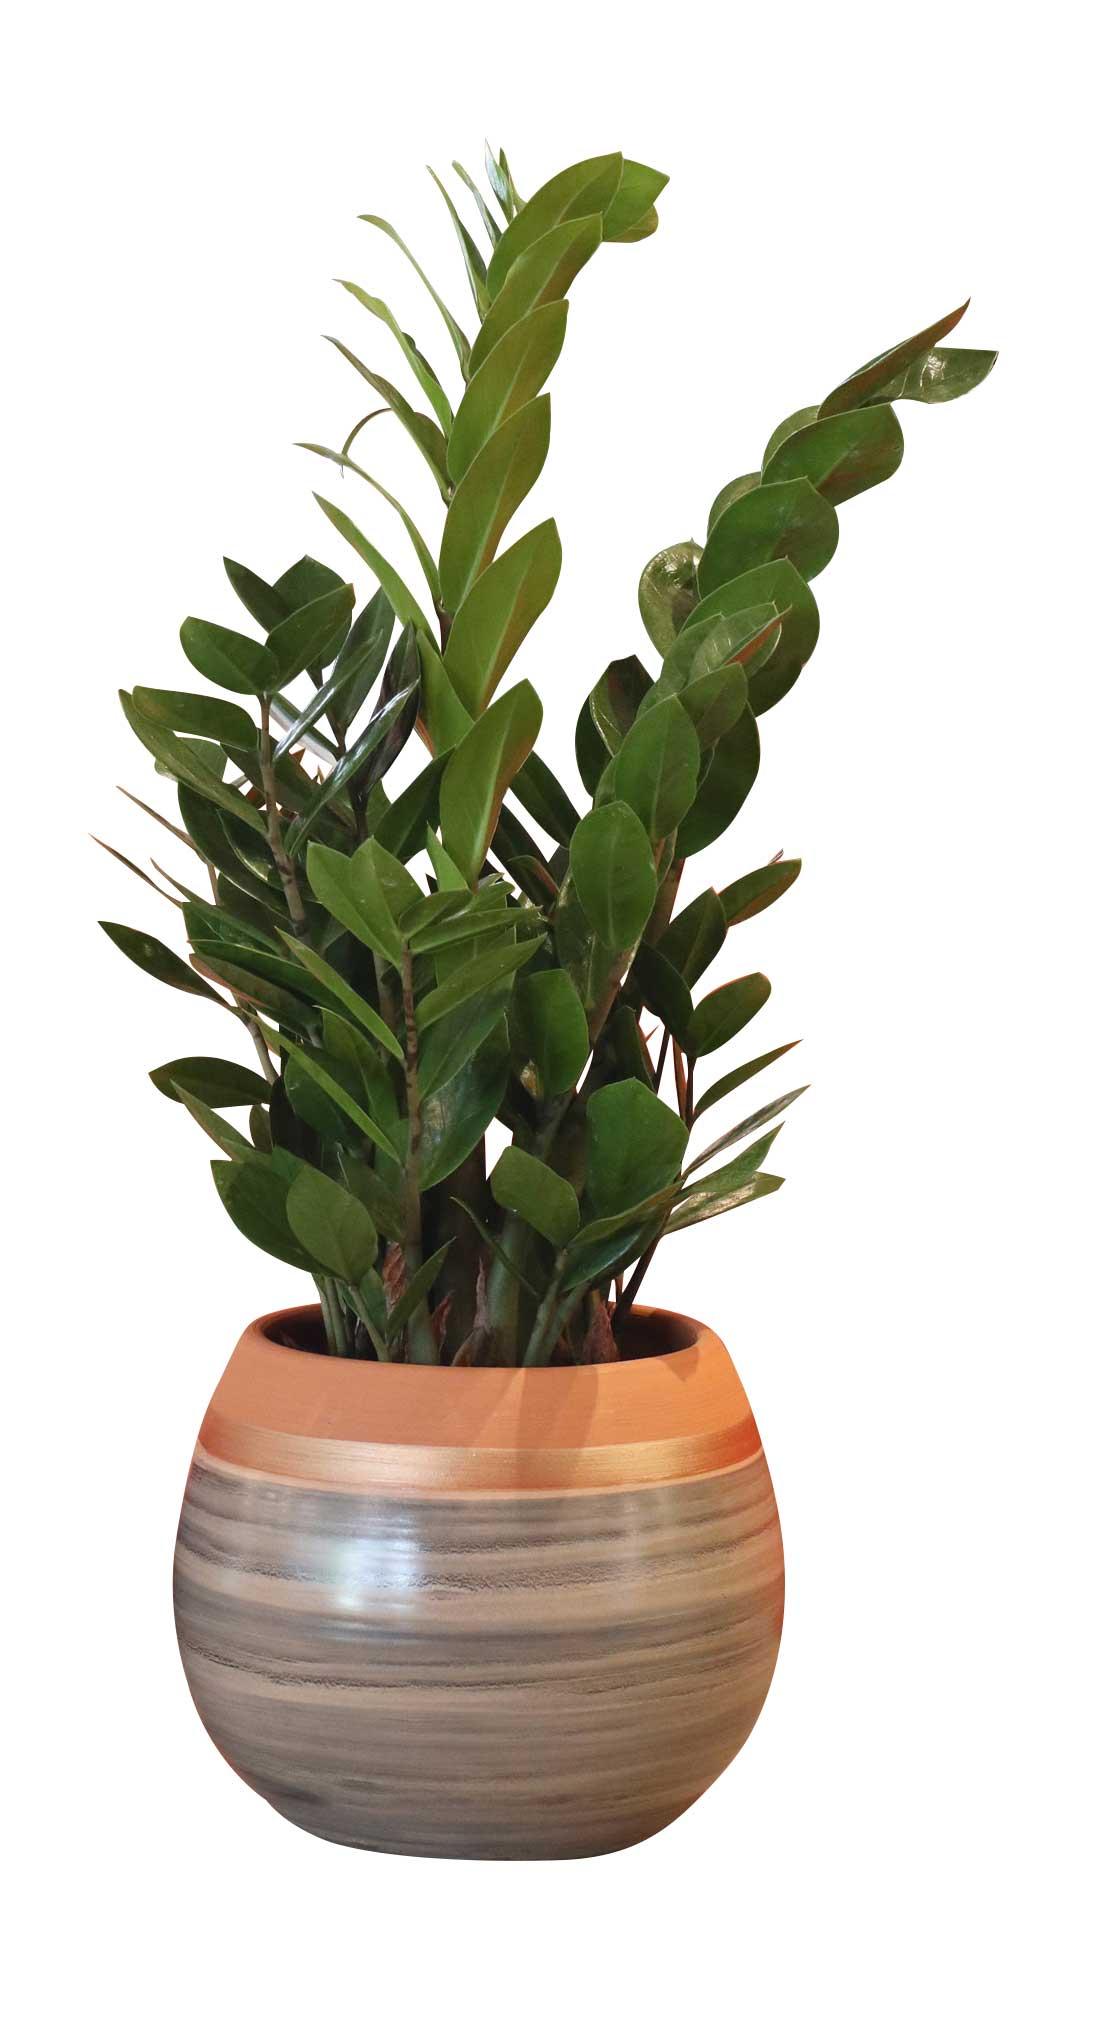 6 Plantes dépolluantes pour un confinement serein - Les Poteries d'Albi